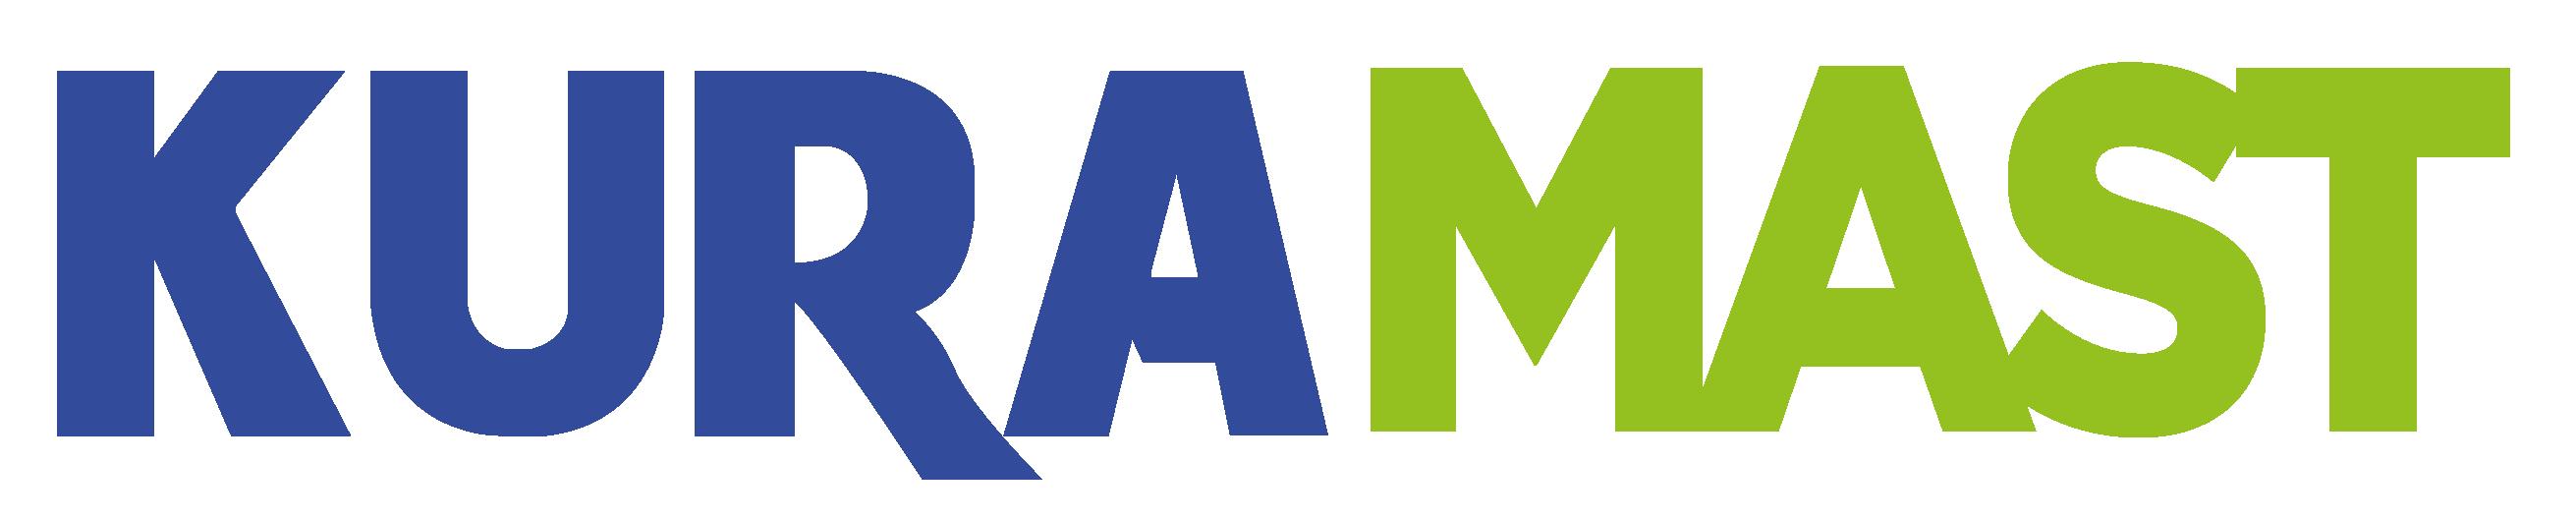 Kuramast Alger - Logo_Prancheta 1